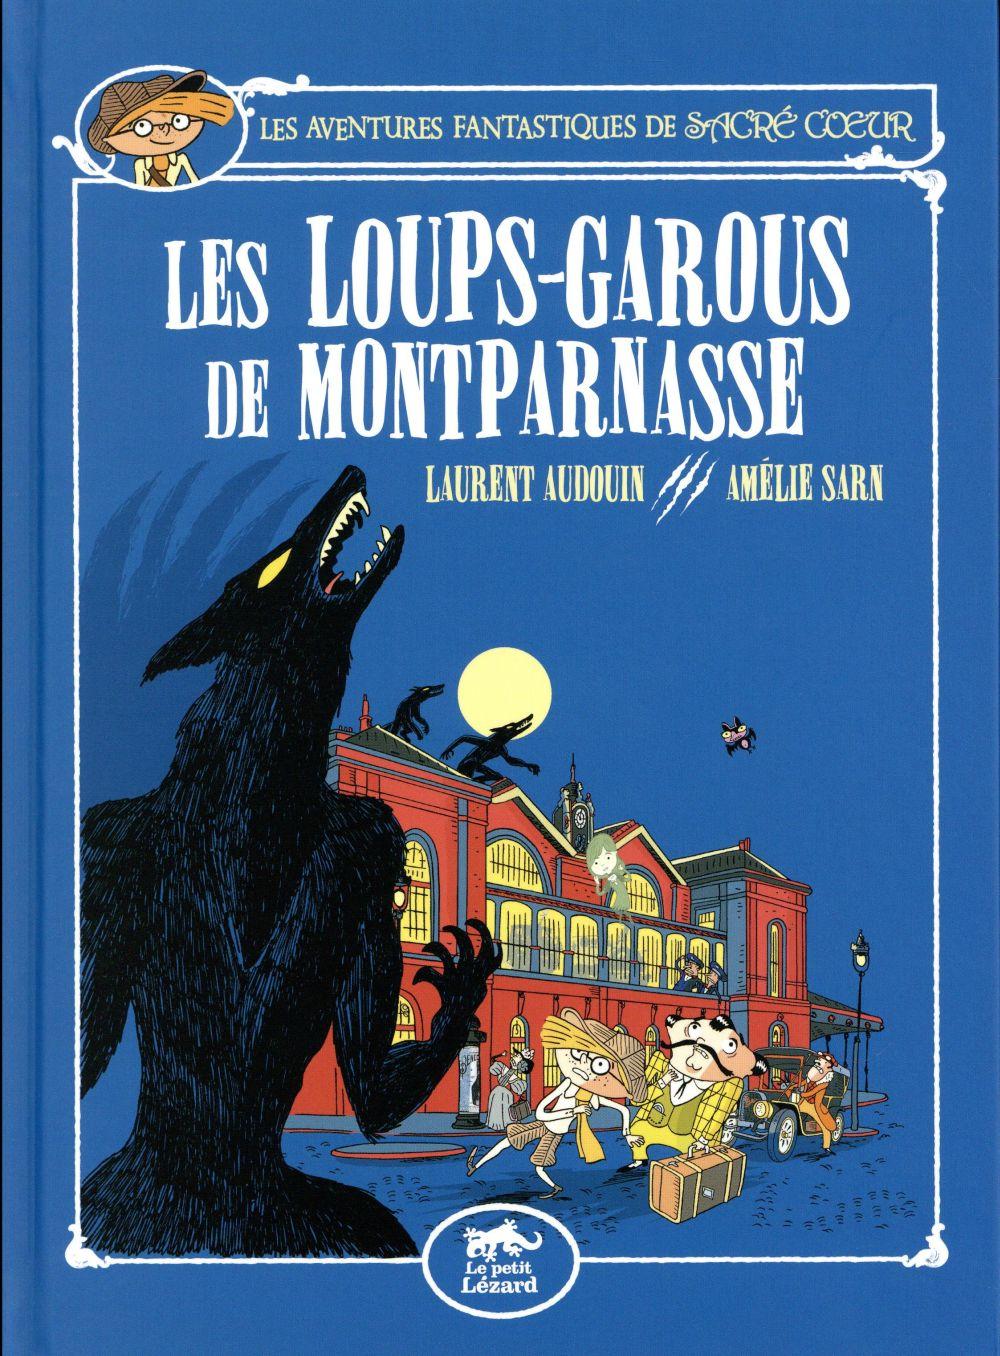 Les aventures fantastiques de Sacré Coeur ; les loups-garous de Montparnasse